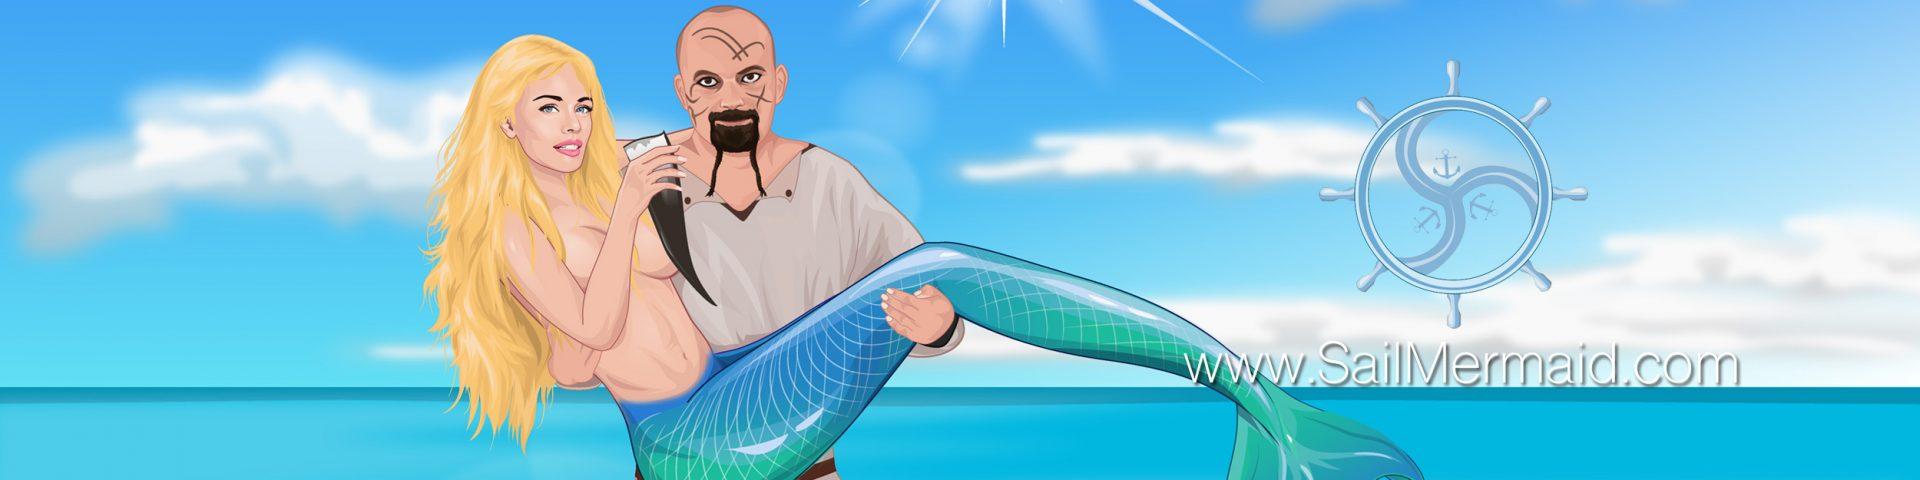 SV Mermaid LG6861